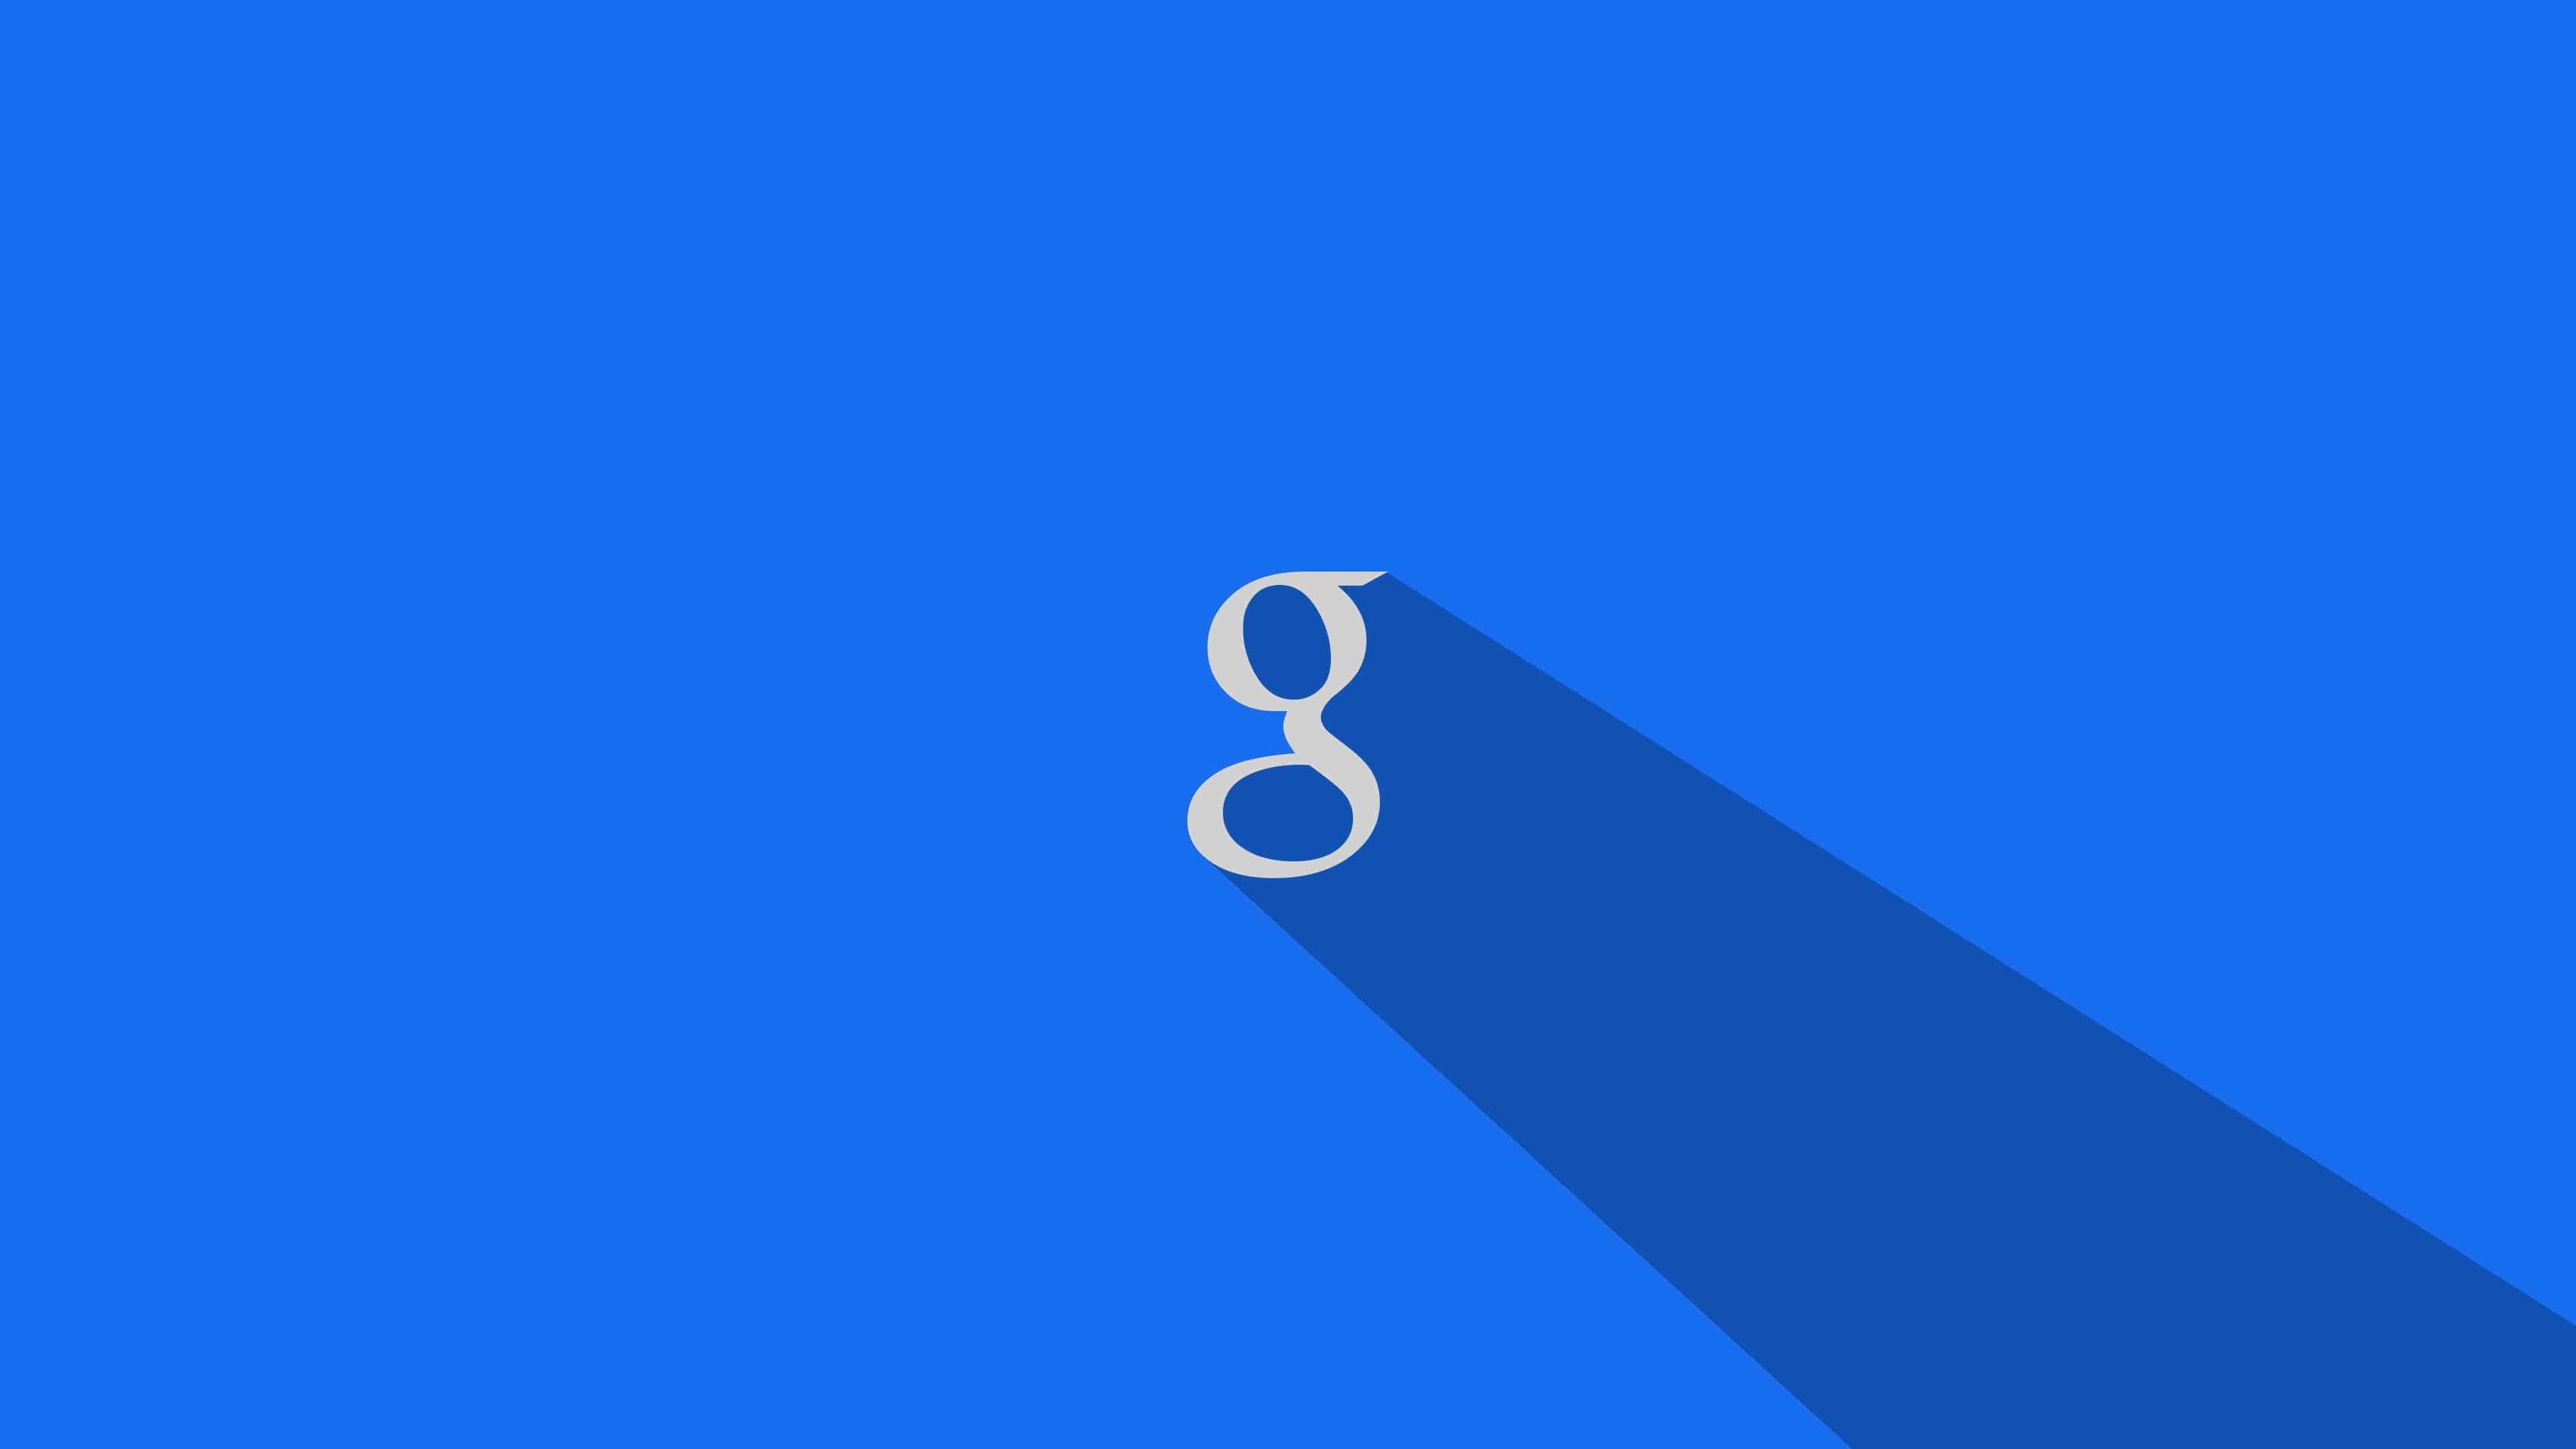 google logo uhd 4k wallpaper